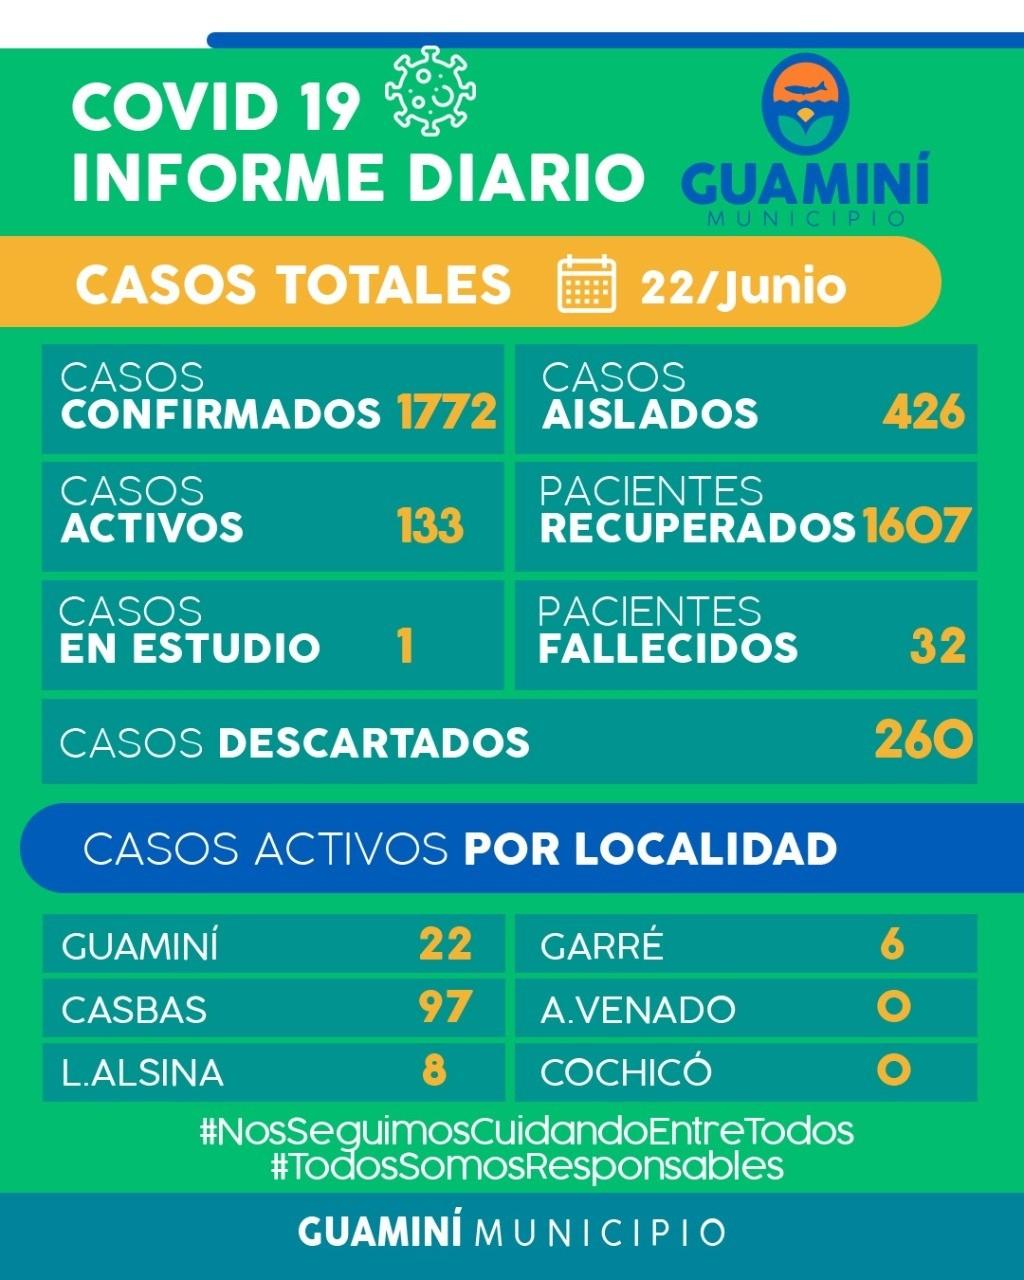 CORONAVIRUS: INFORME DIARIO DE SITUACIÓN A NIVEL NACIONAL Y LOCAL  - 22 DE JUNIO -